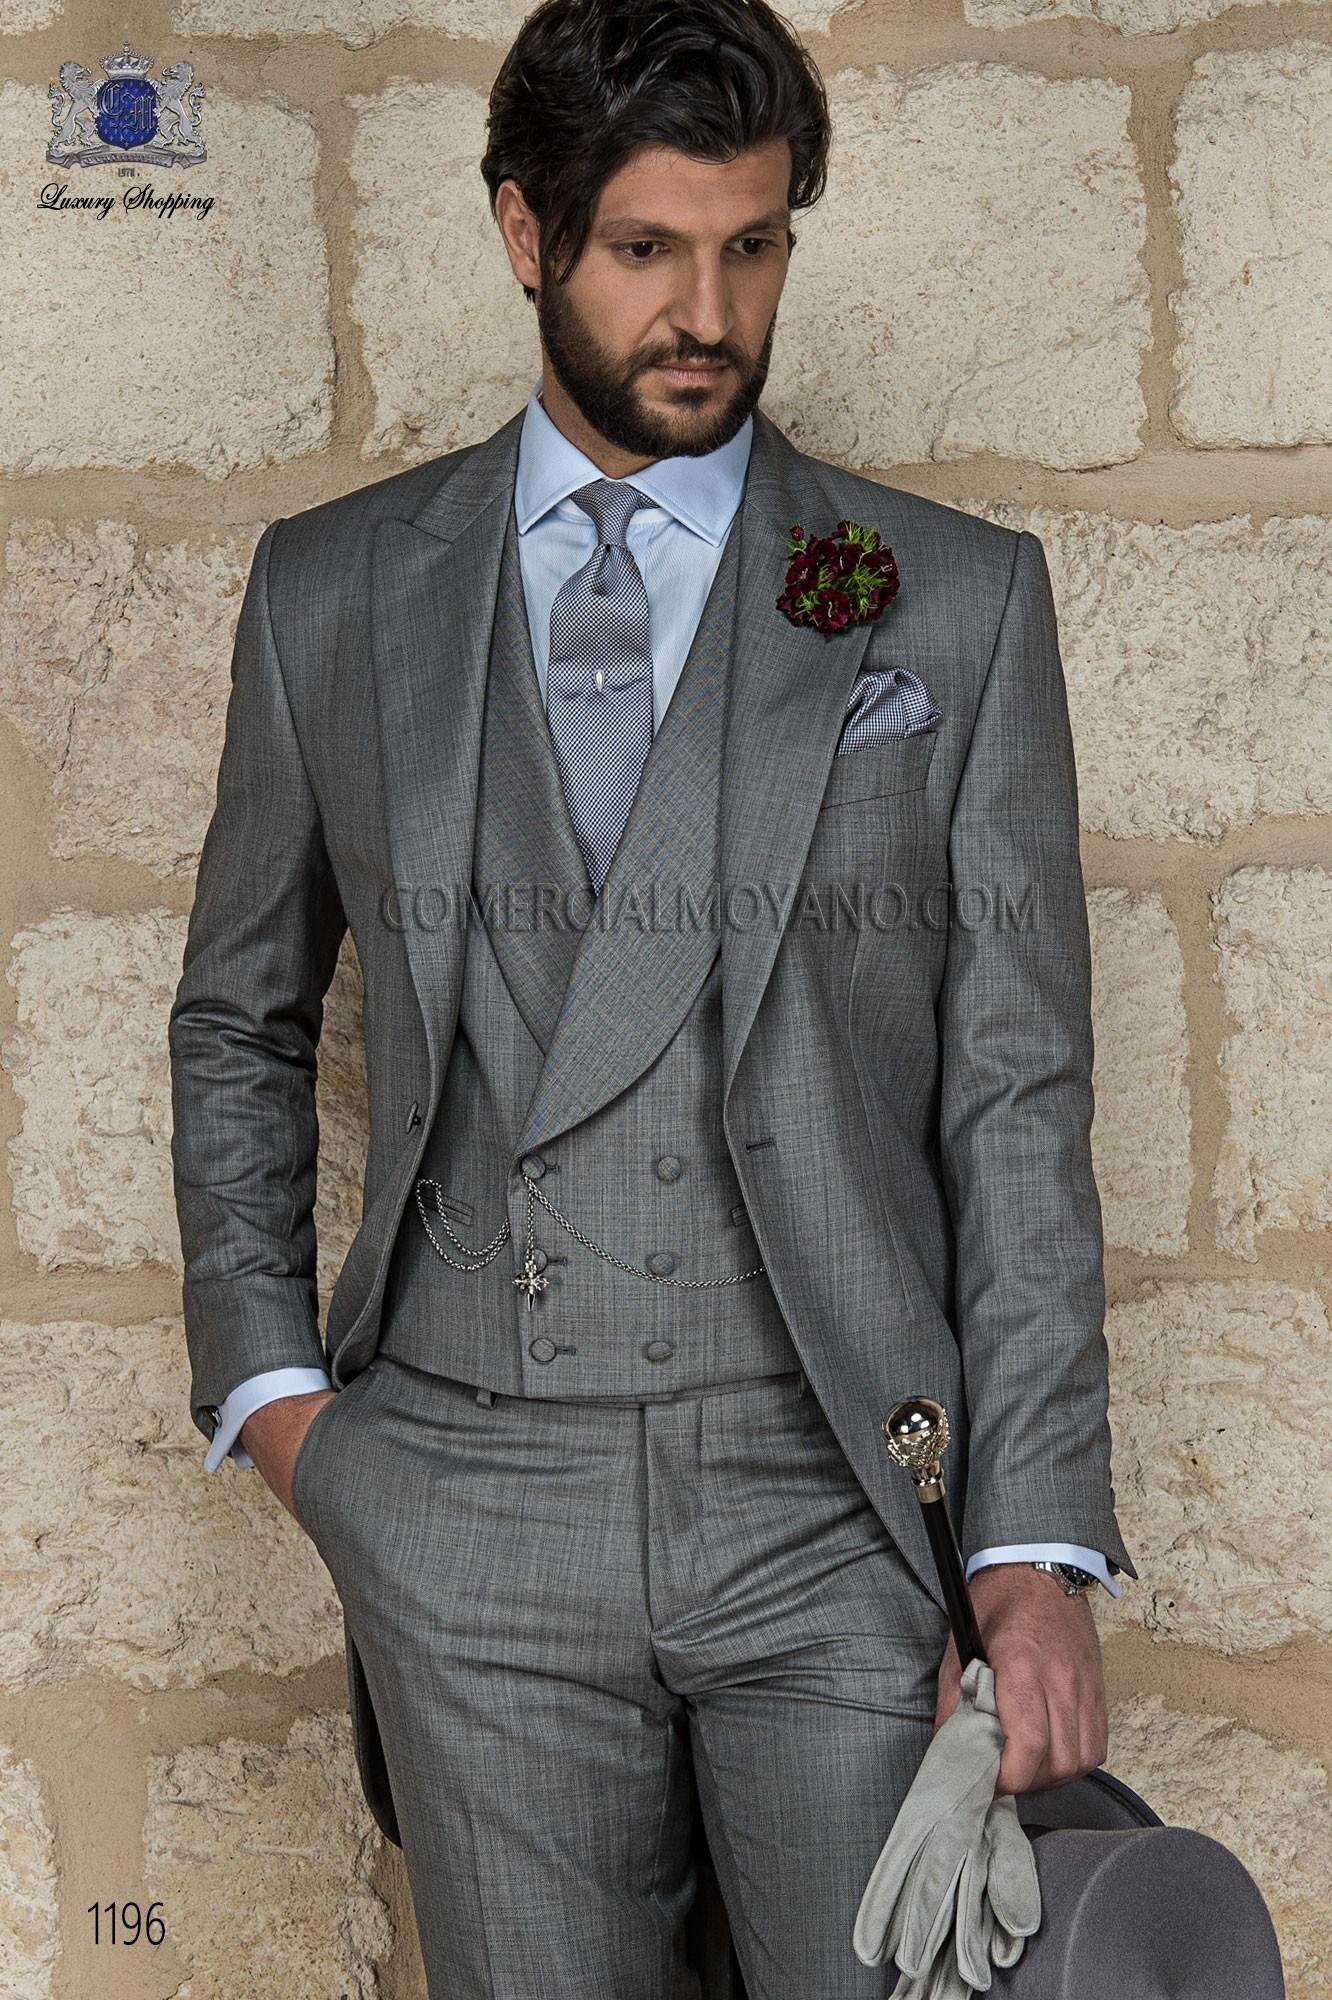 Traje de novio italiano gris modelo: 1196 Ottavio Nuccio Gala colección Gentleman